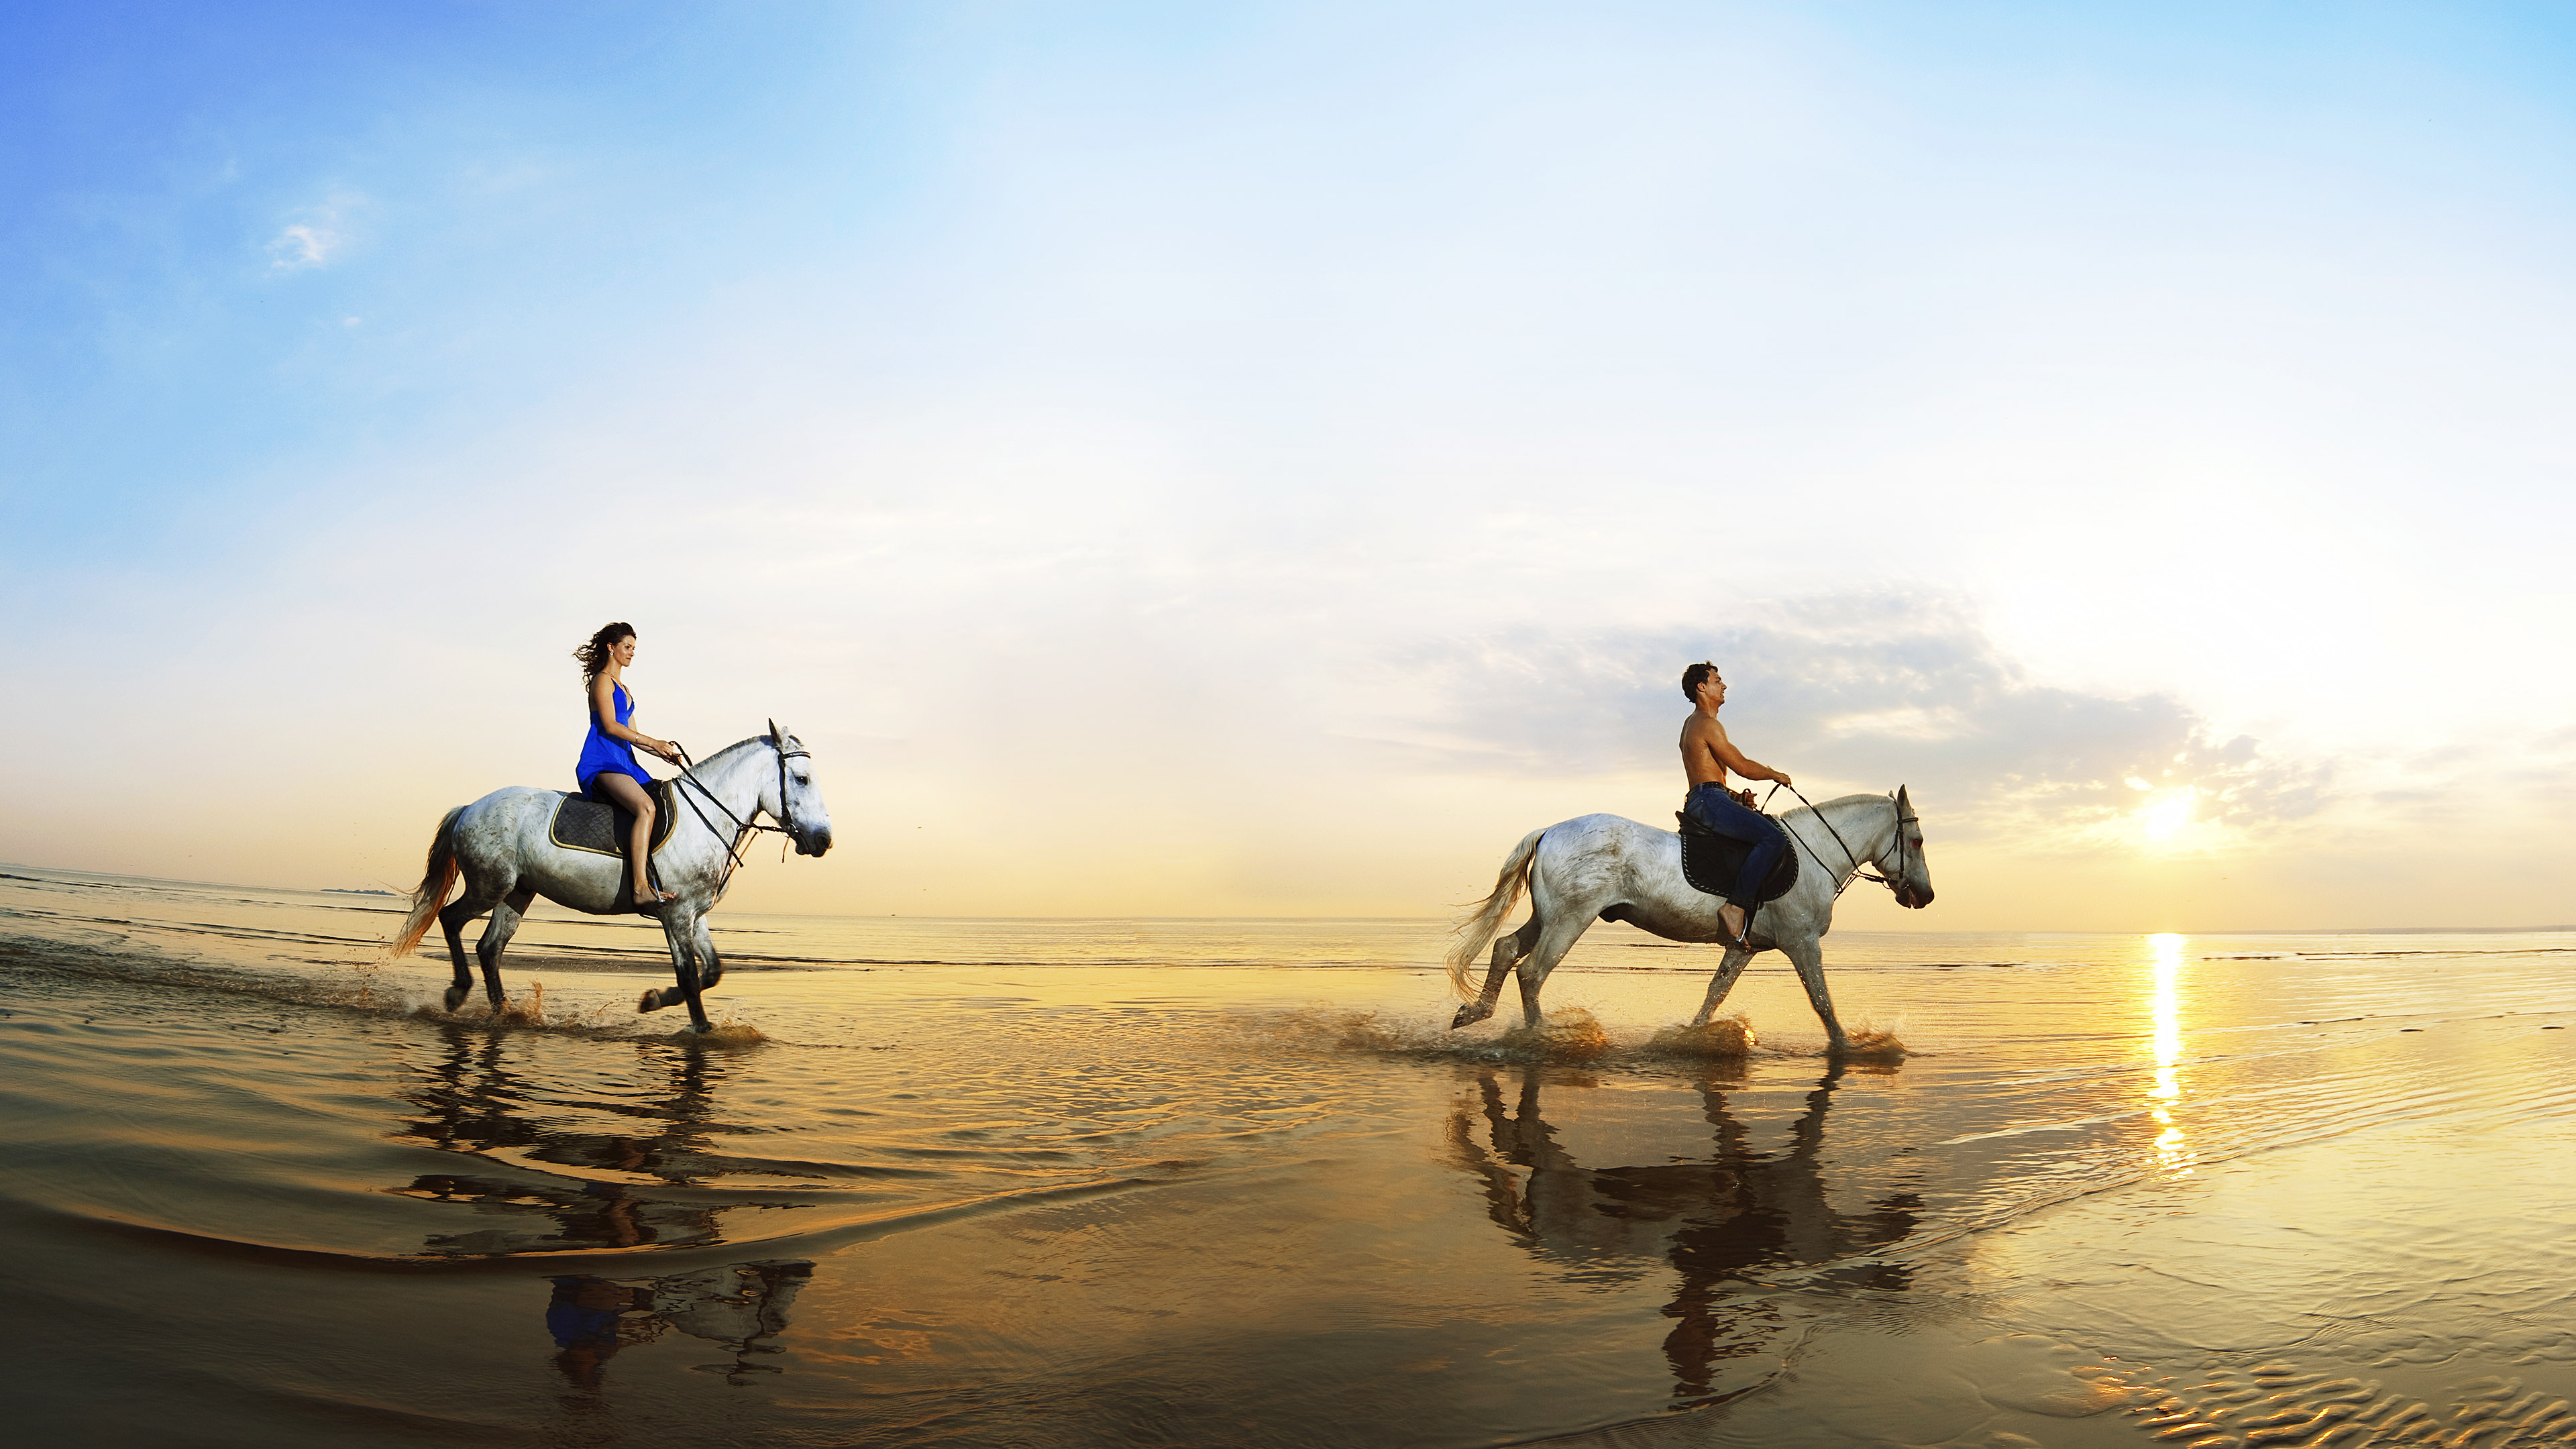 Лошади пара у моря бесплатно